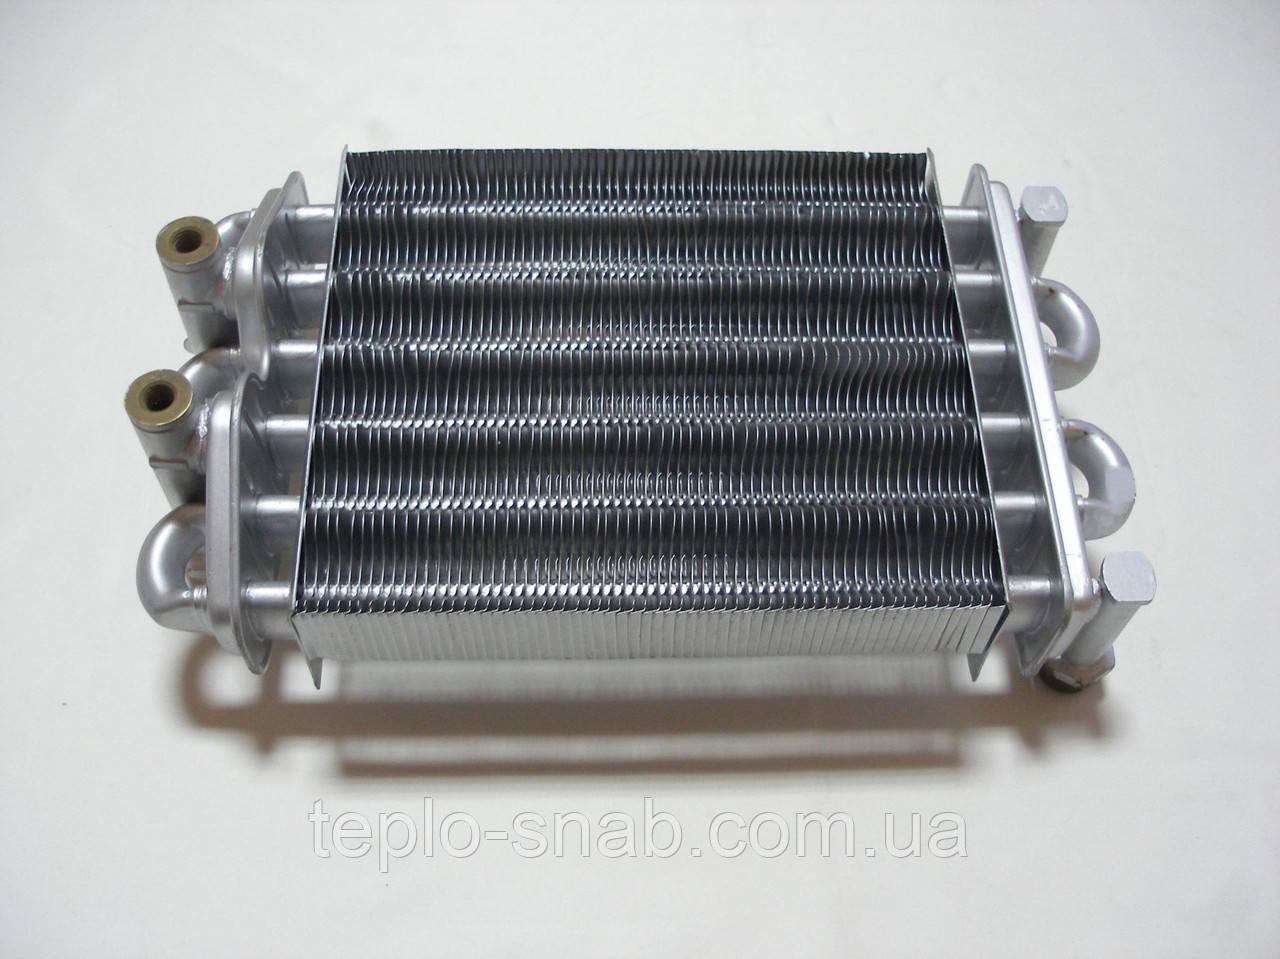 Бітермічний теплообмінник газового навісного котла Nobel 18 SE 64 ламелі (2-а отвори під датчики). 54365